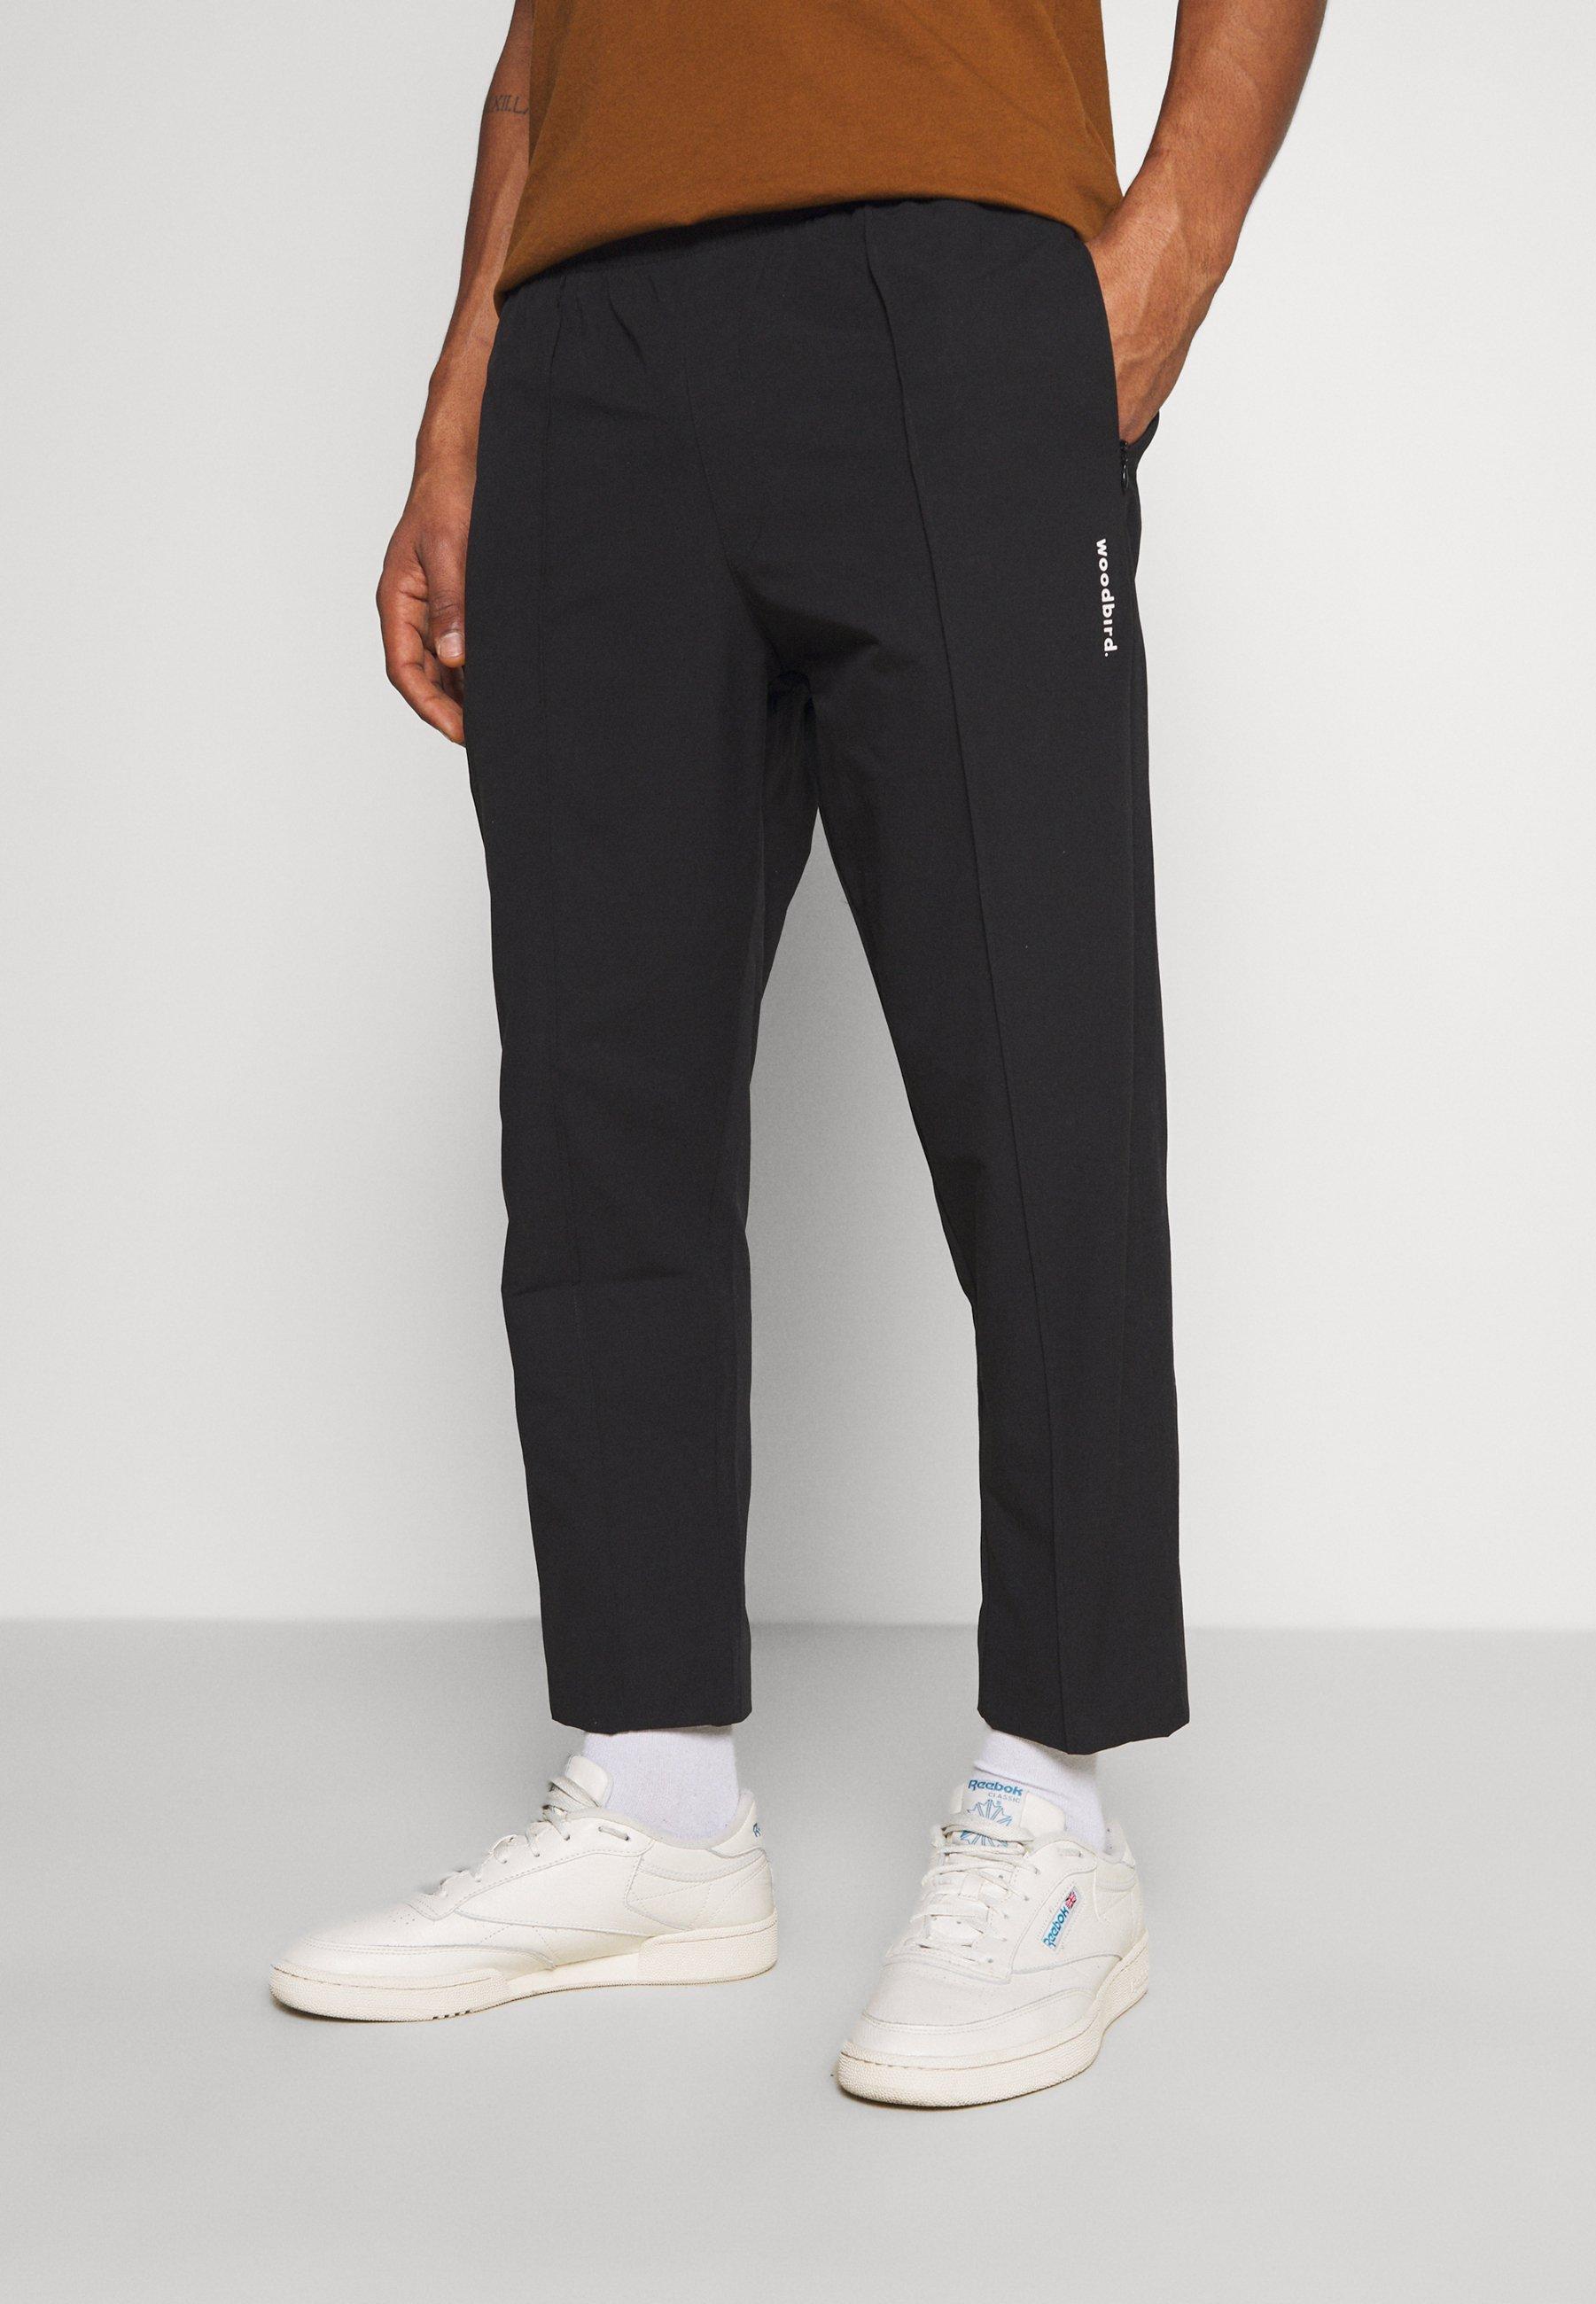 Uomo HANSI TRACK PANT - Pantaloni